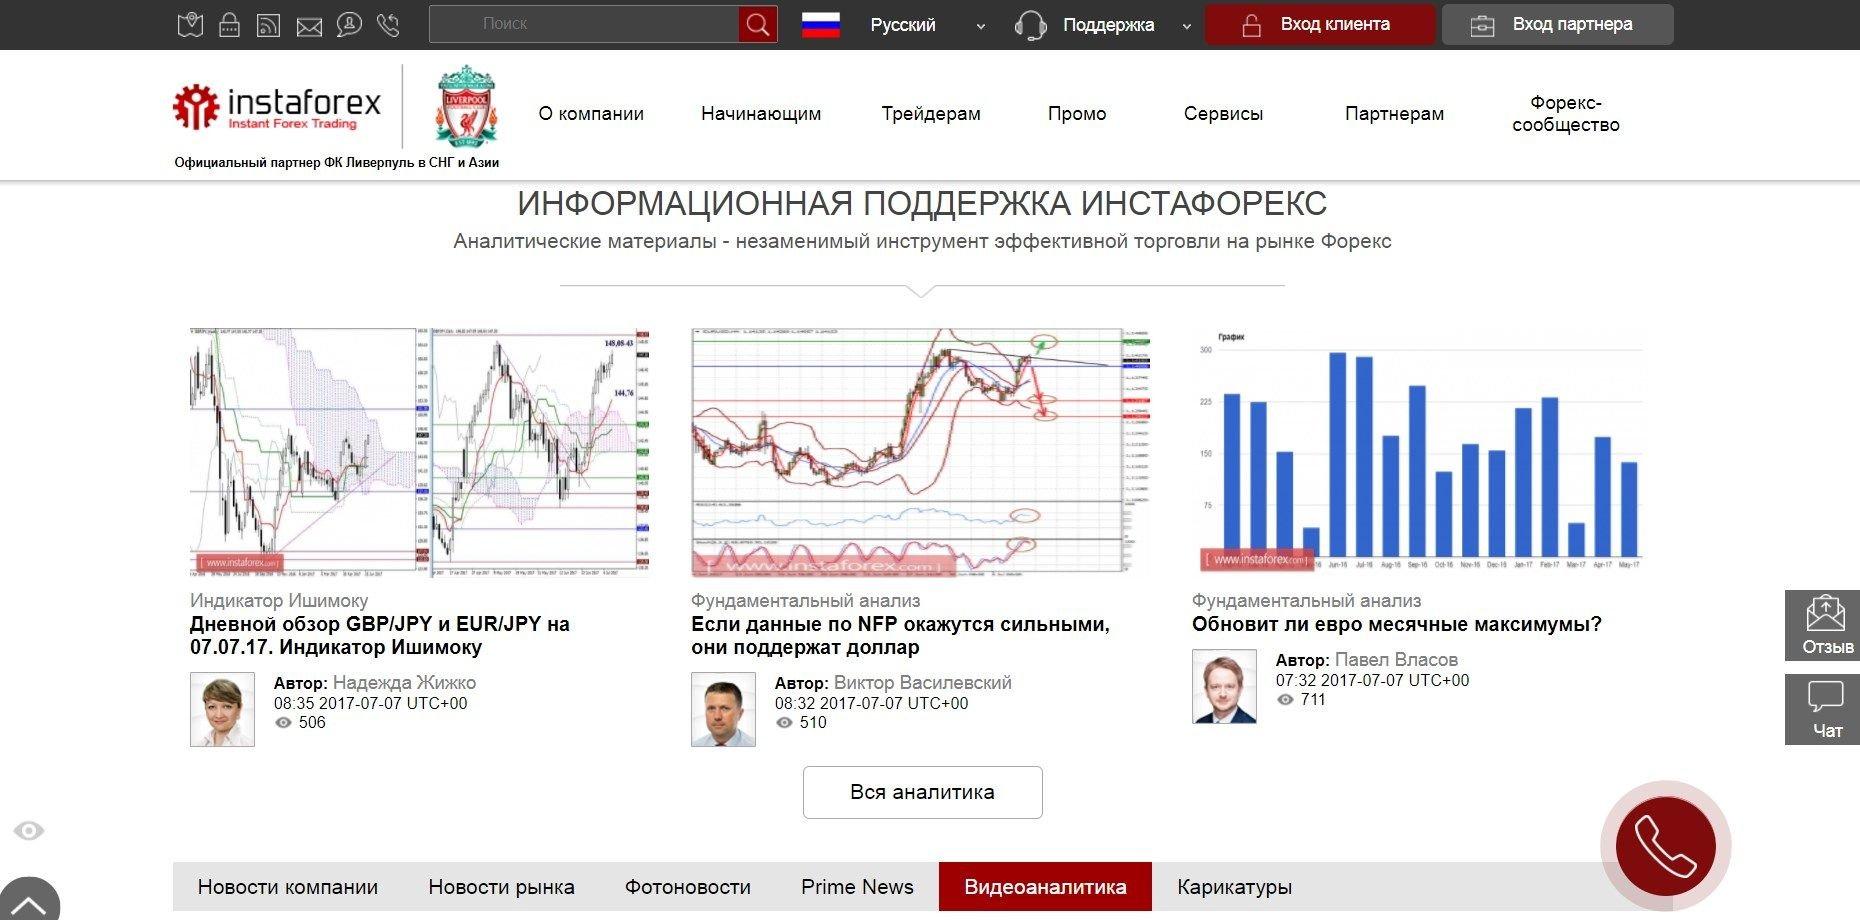 Вэб-платформа для опционов InstaTrader функциональна и проста